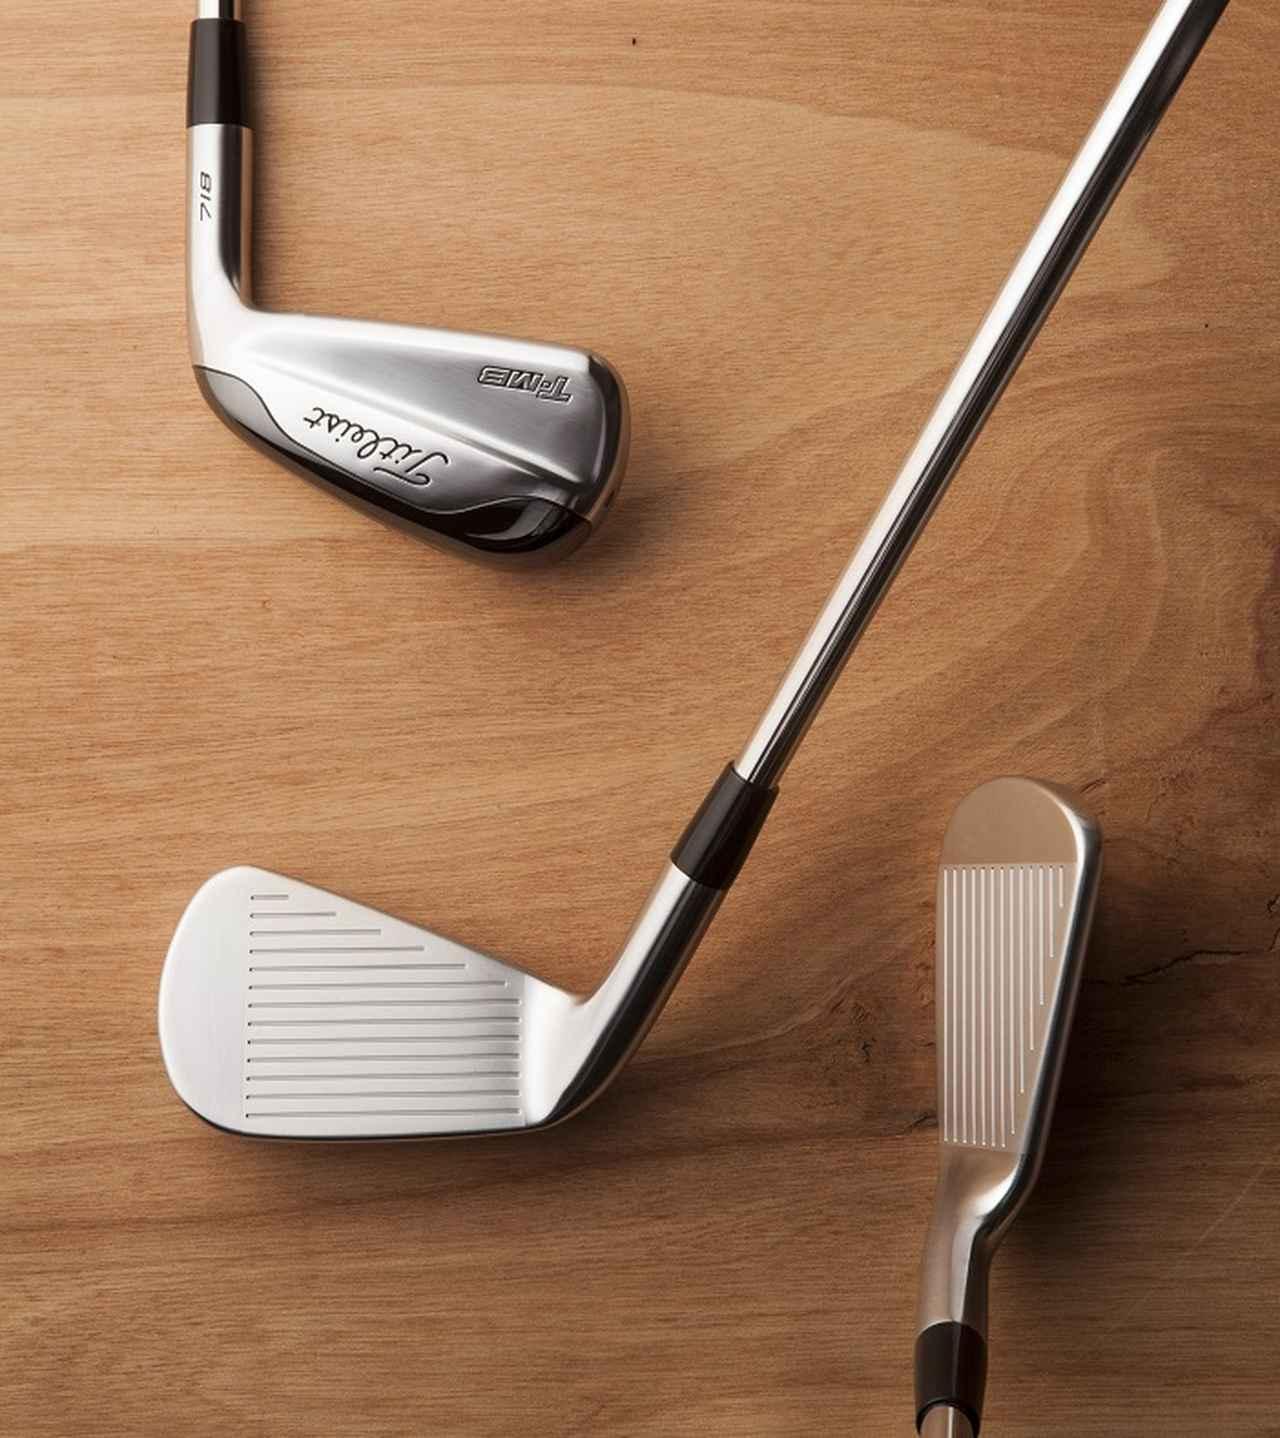 画像: こんなアイアン欲しかった! タイトリスト「718 T-MB」研究 - みんなのゴルフダイジェスト